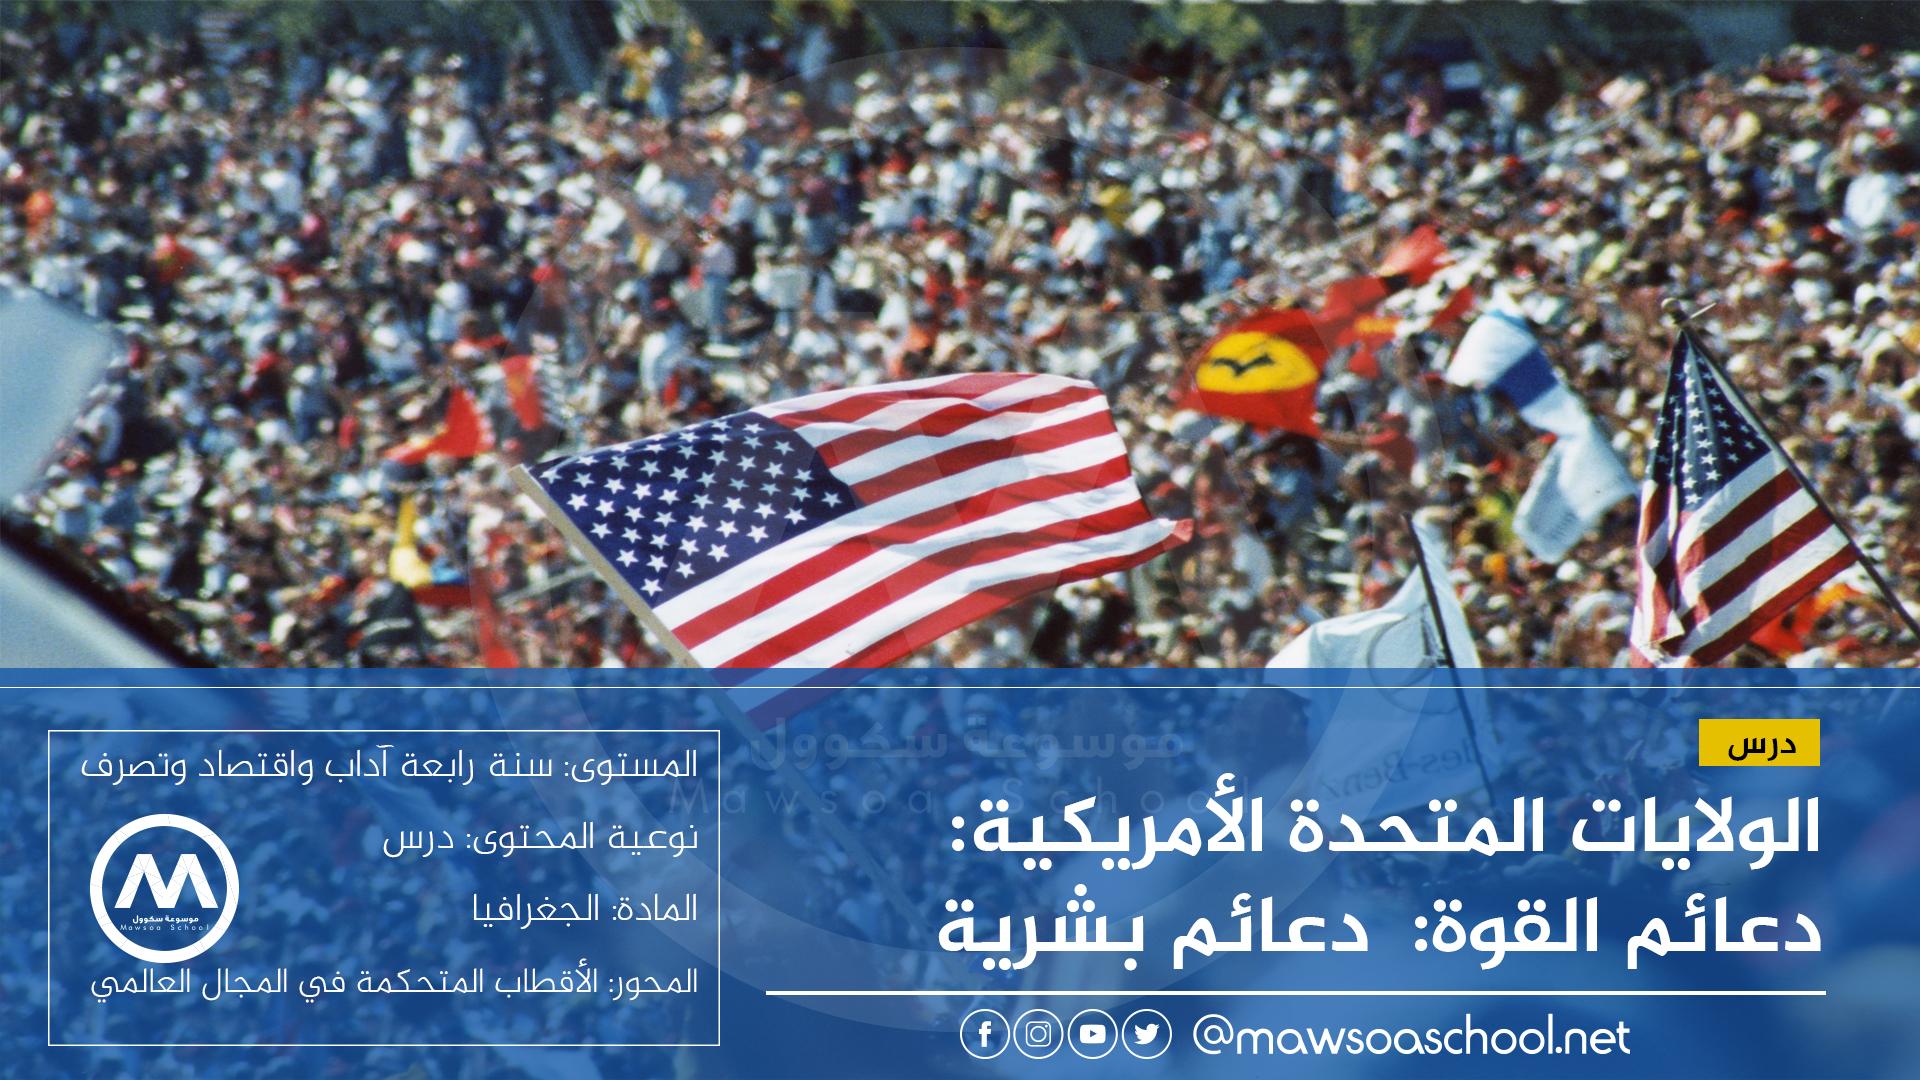 الولايات المتحدة الأمريكية - دعائم القوة: الدعائم البشرية - جغرافيا - بكالوريا آداب واقتصاد وتصرف